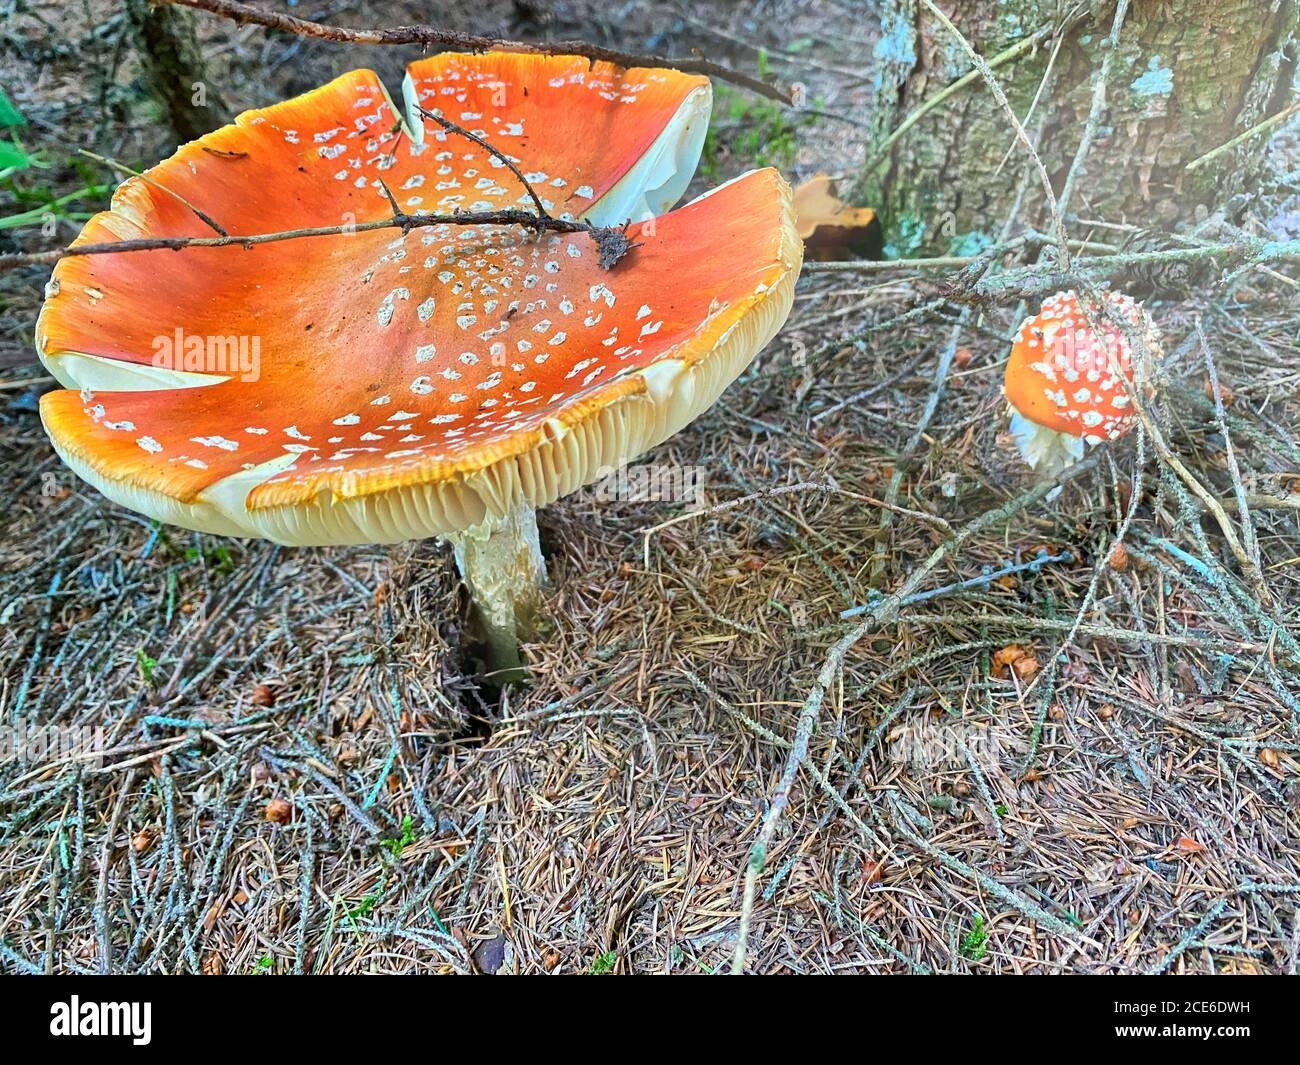 Bel fungo rosso velenoso con berretto gigante visto dal livello dell'erba. Foto Stock